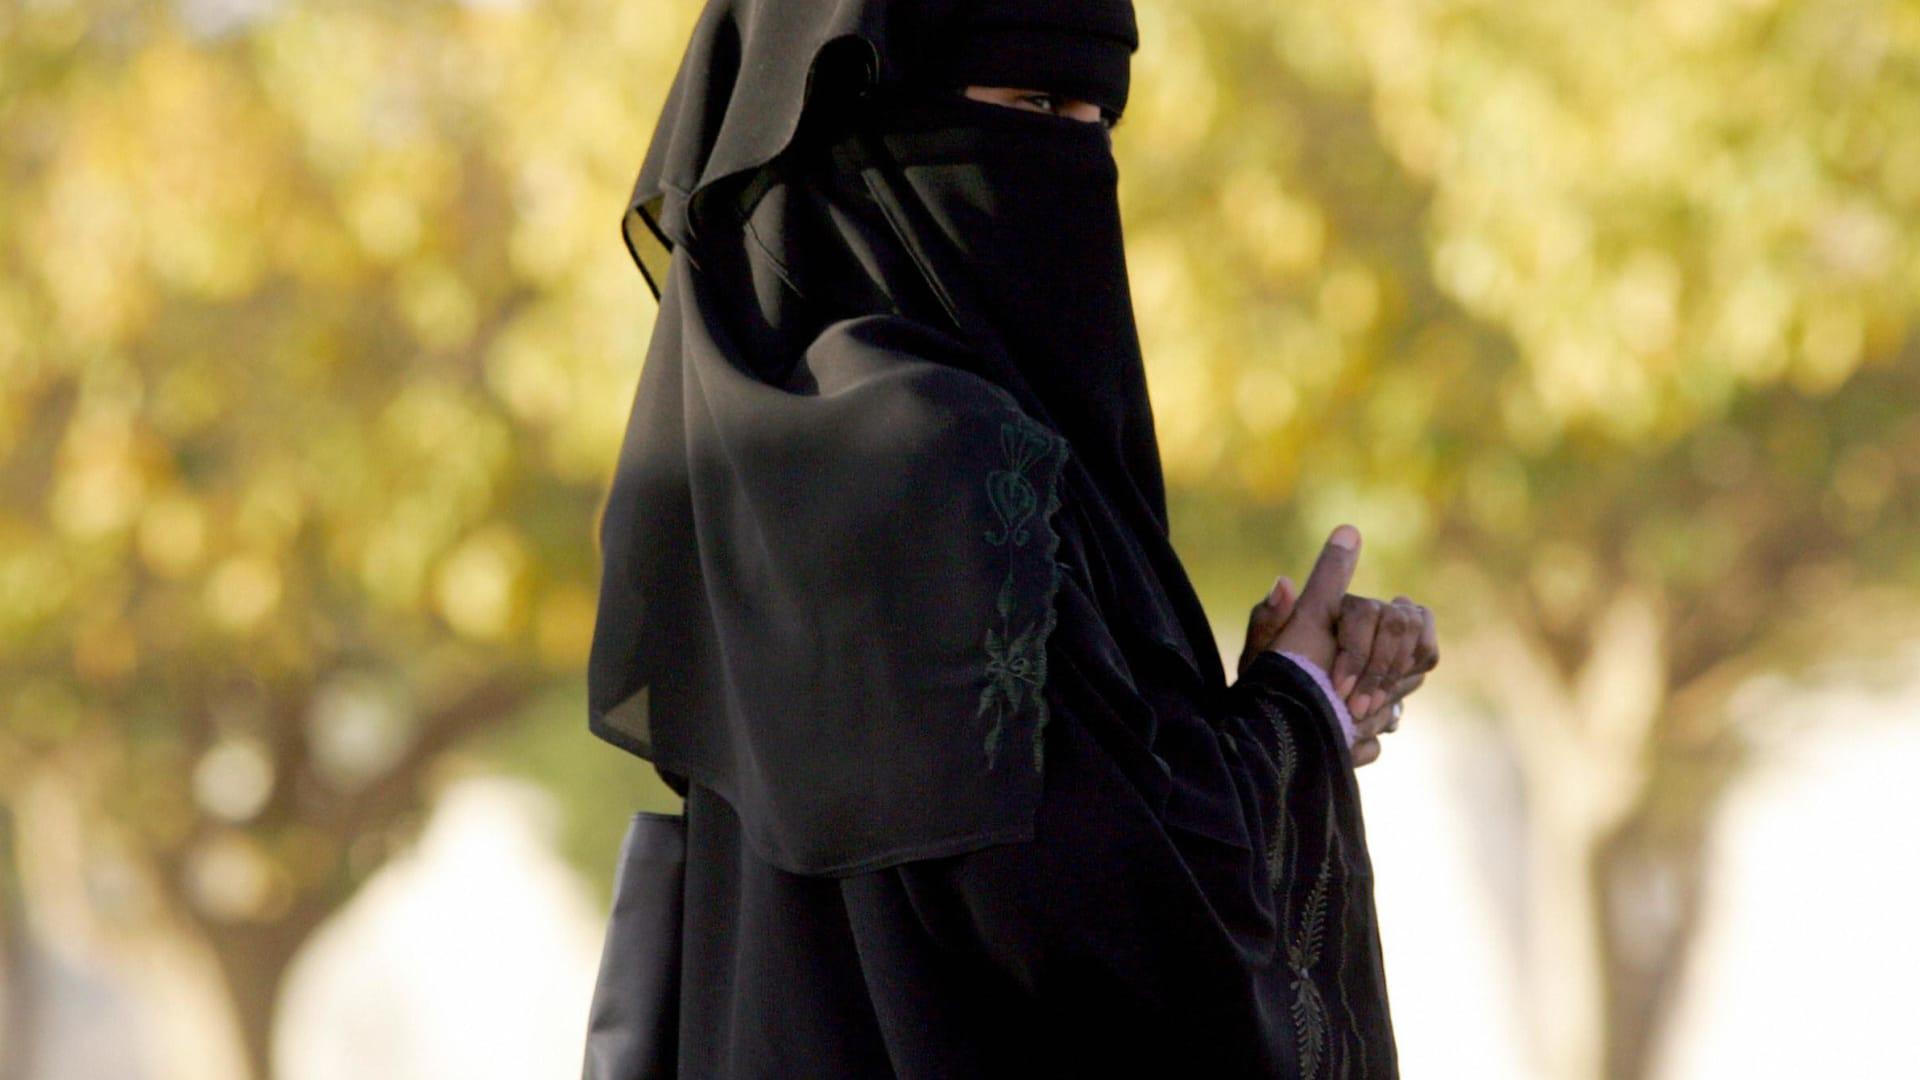 """فيديو """"تحرش جنسي بفتاه الدمام"""" بعد تقارير ضبط """"متحرش القصيبي"""" في السعودية"""